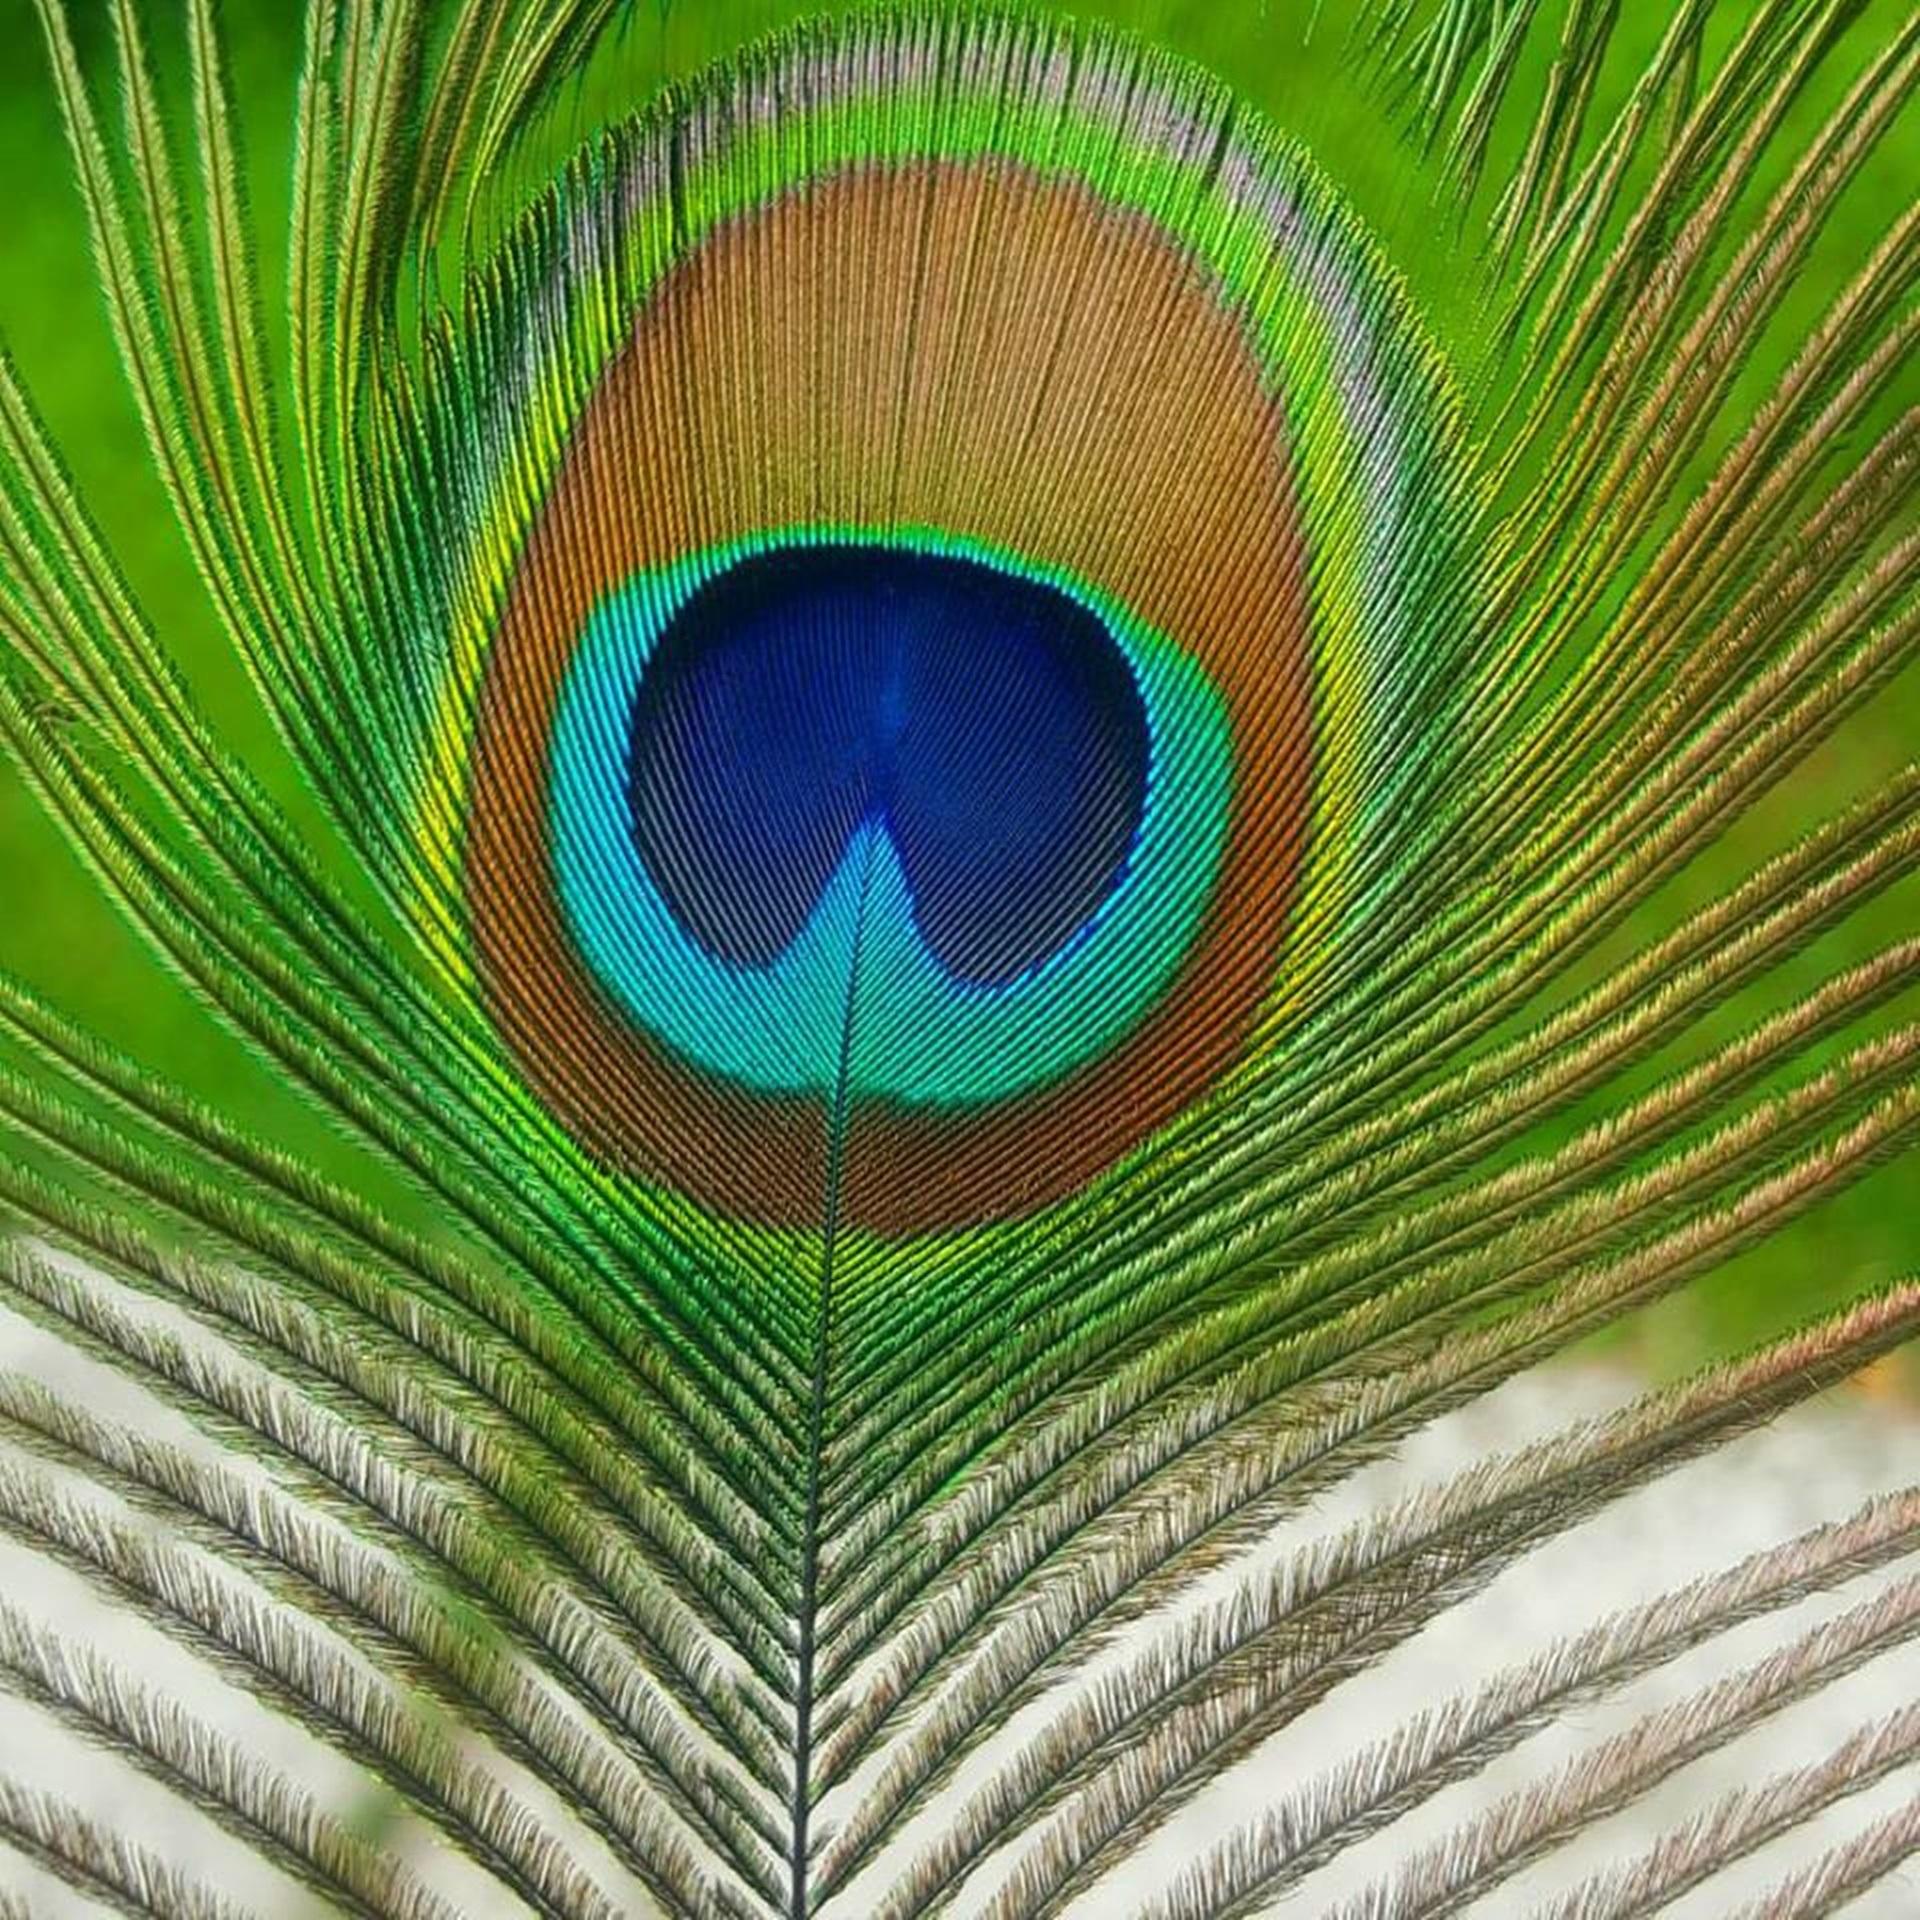 images gratuites la nature oiseau aile feuille stylo animal ligne vert couleur bleu. Black Bedroom Furniture Sets. Home Design Ideas